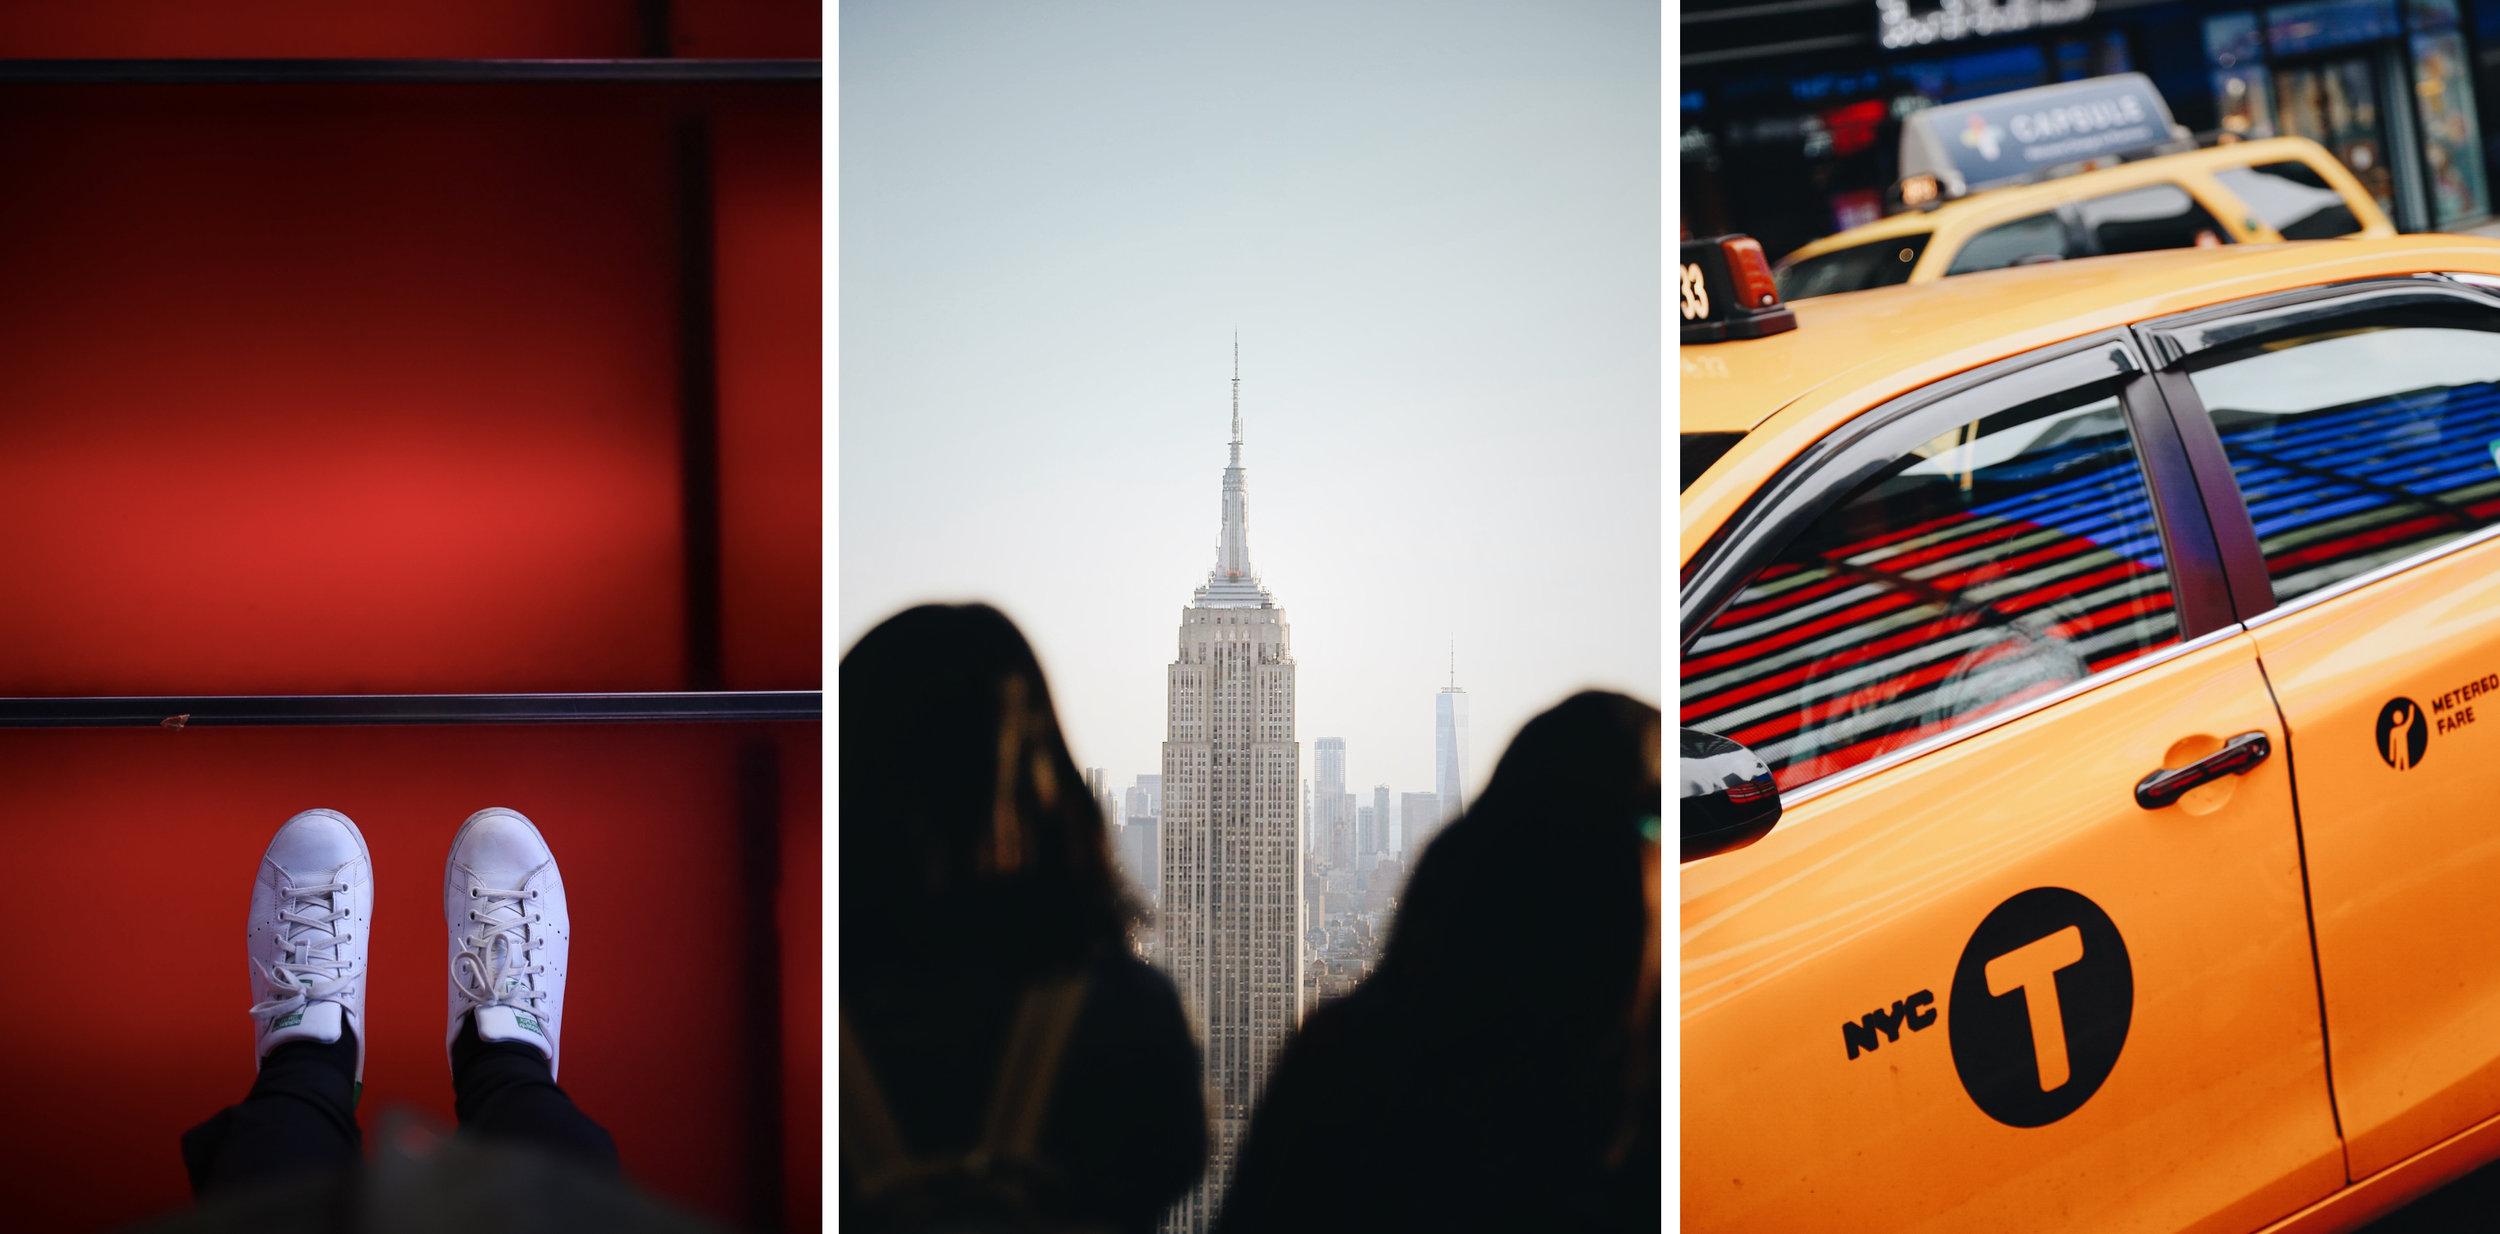 voyage-new-york-que-voir-que-faire.jpg